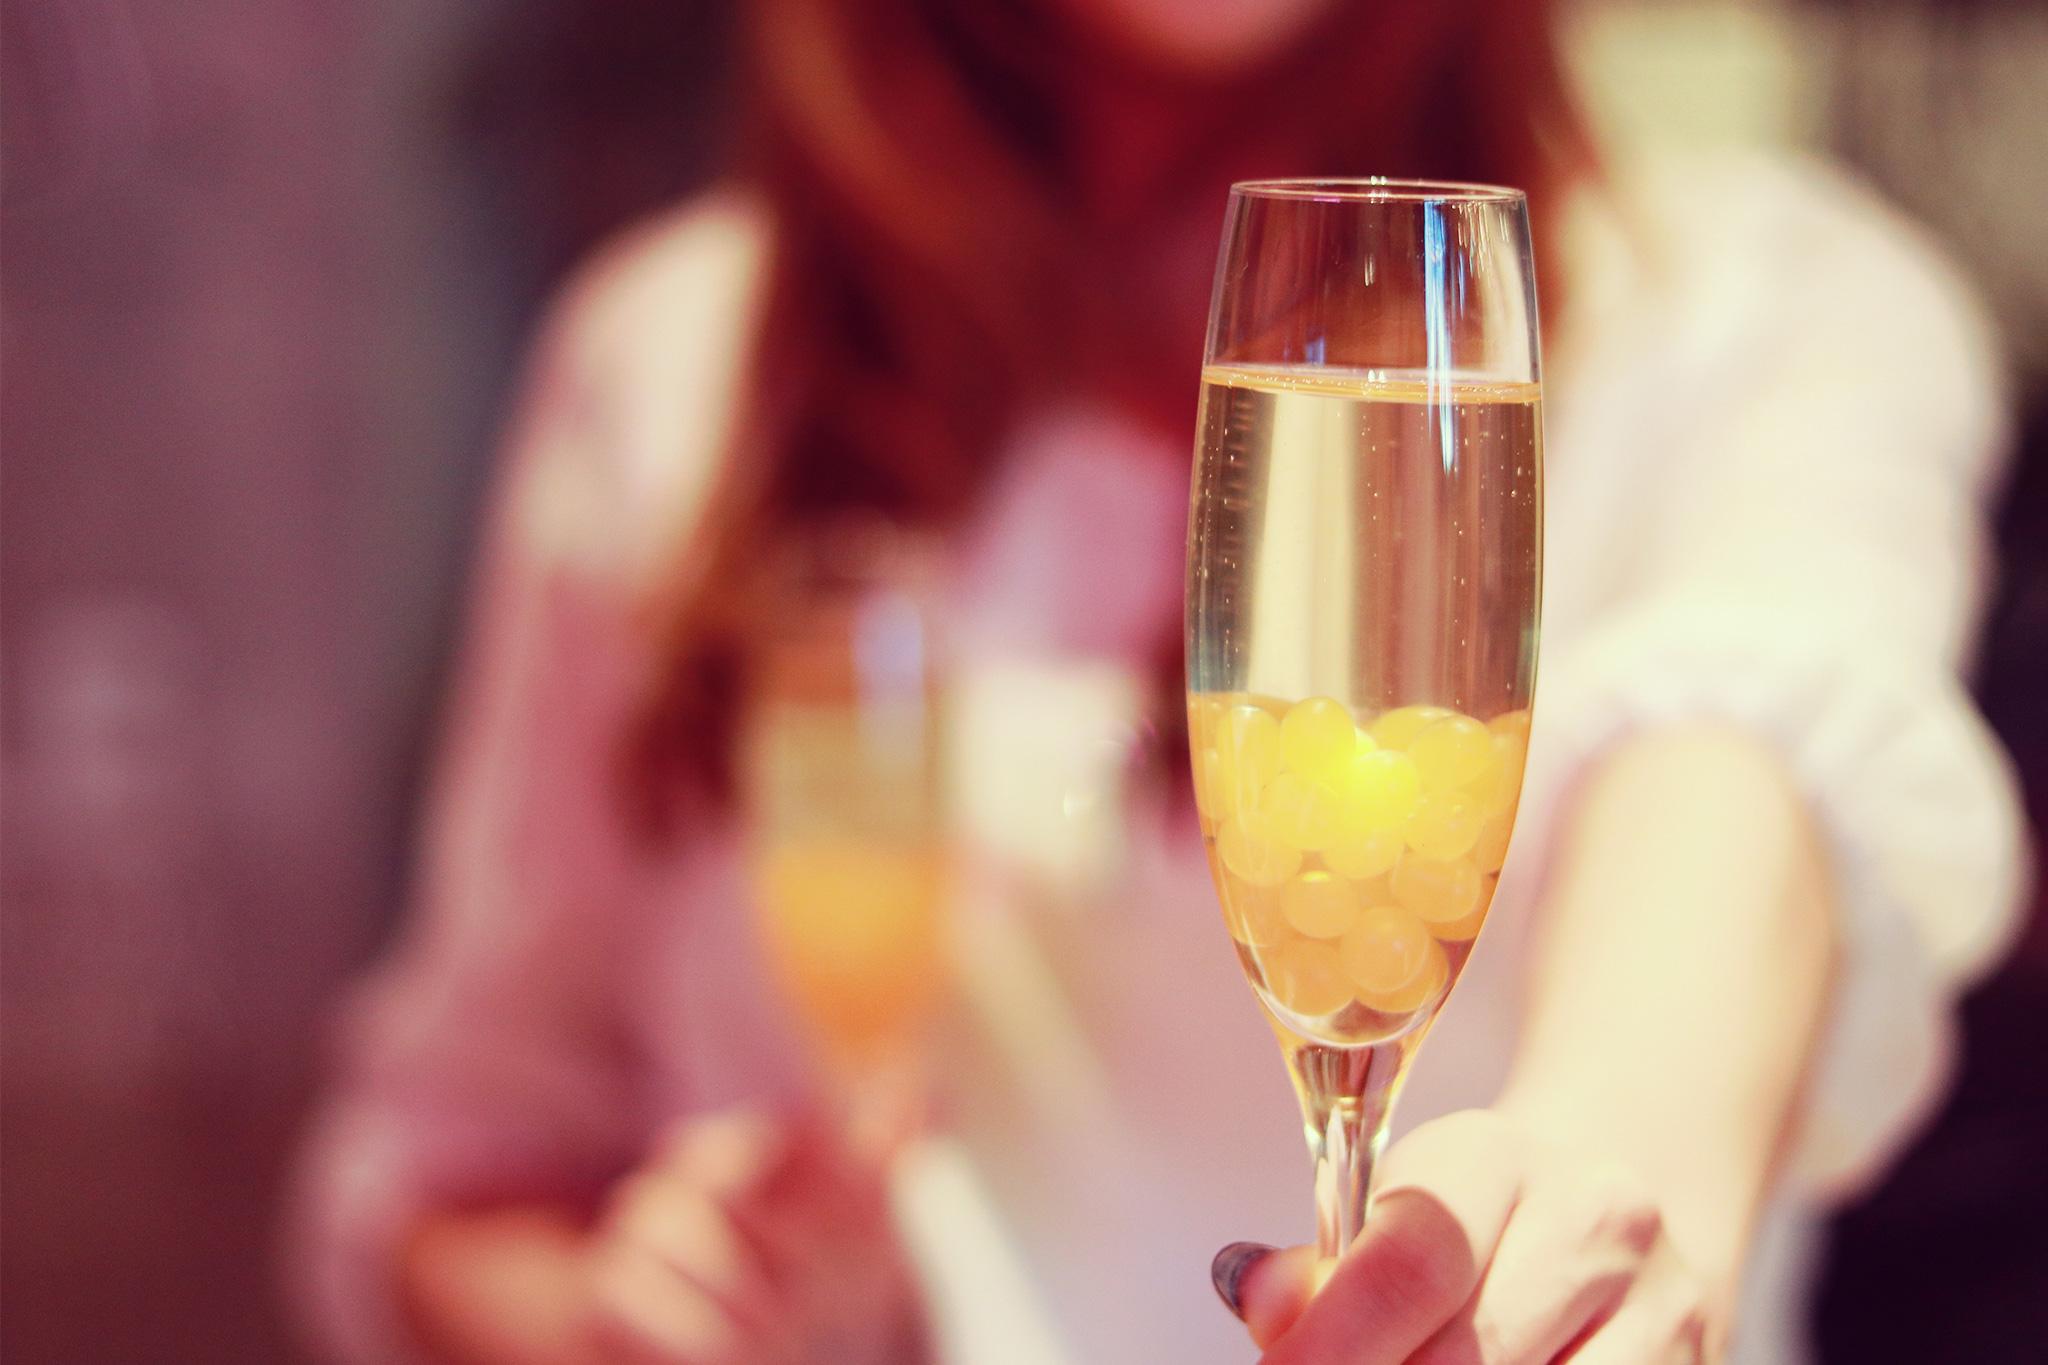 パパ活、パトガール、pato、アプリ、ギャラ飲み、副業 グラスを差し出す女性